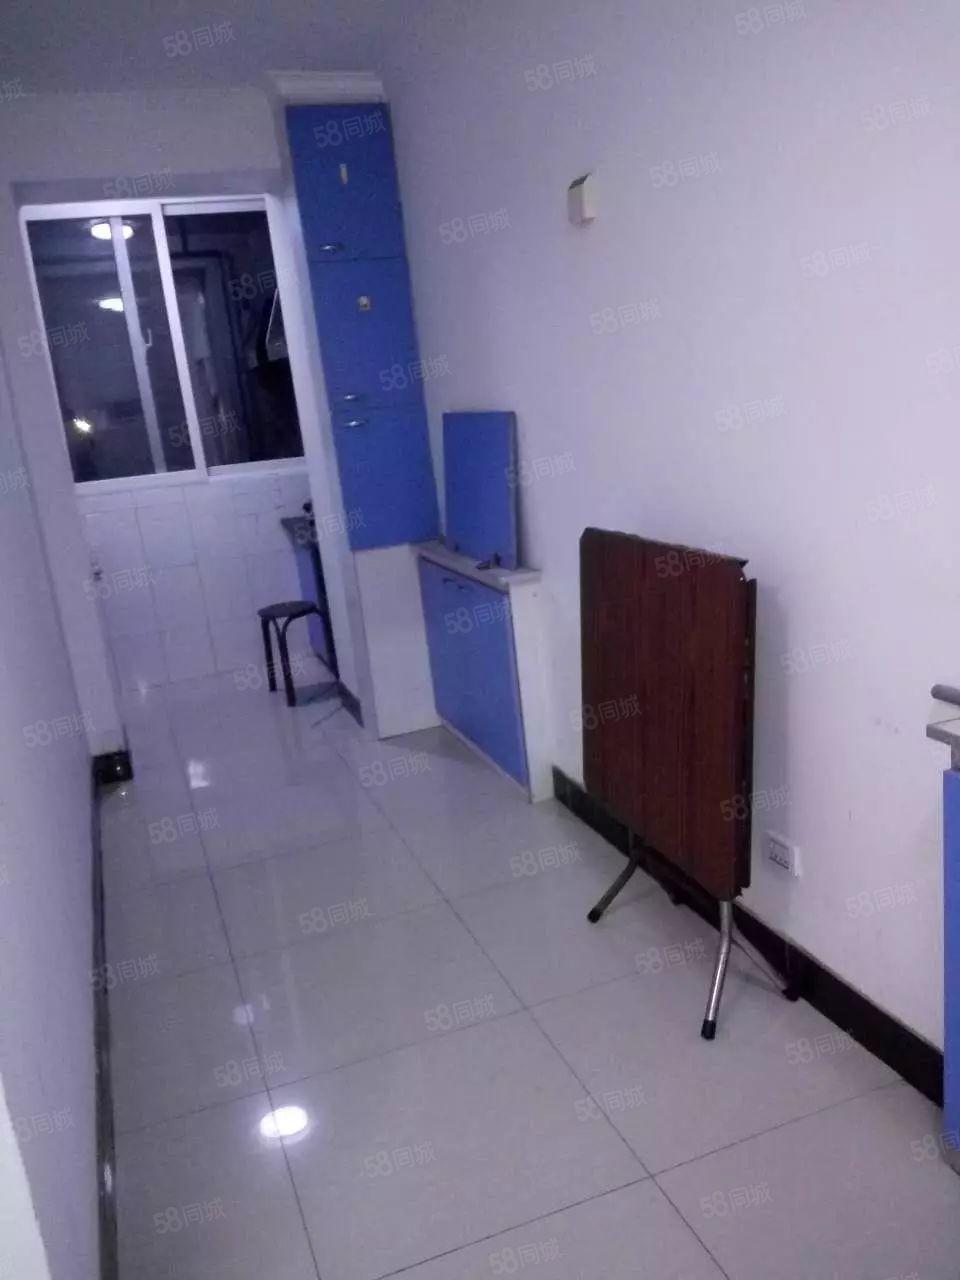 锦华佳苑二室一厅52平5层简单装修年租金7000元不包暖